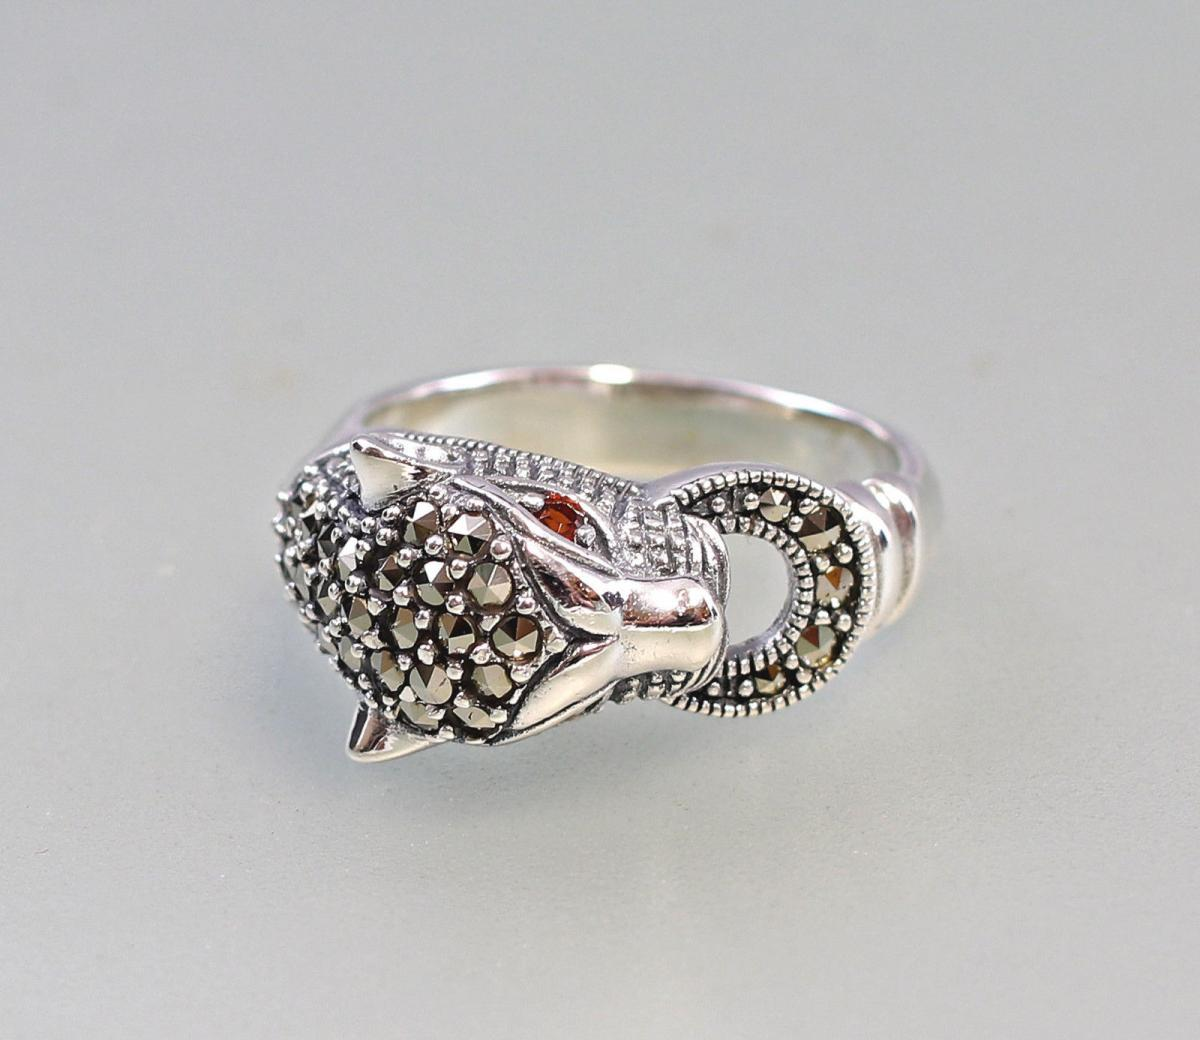 9927178 925er Silber Markasiten Ring Raubkatze Granataugen Gr.58